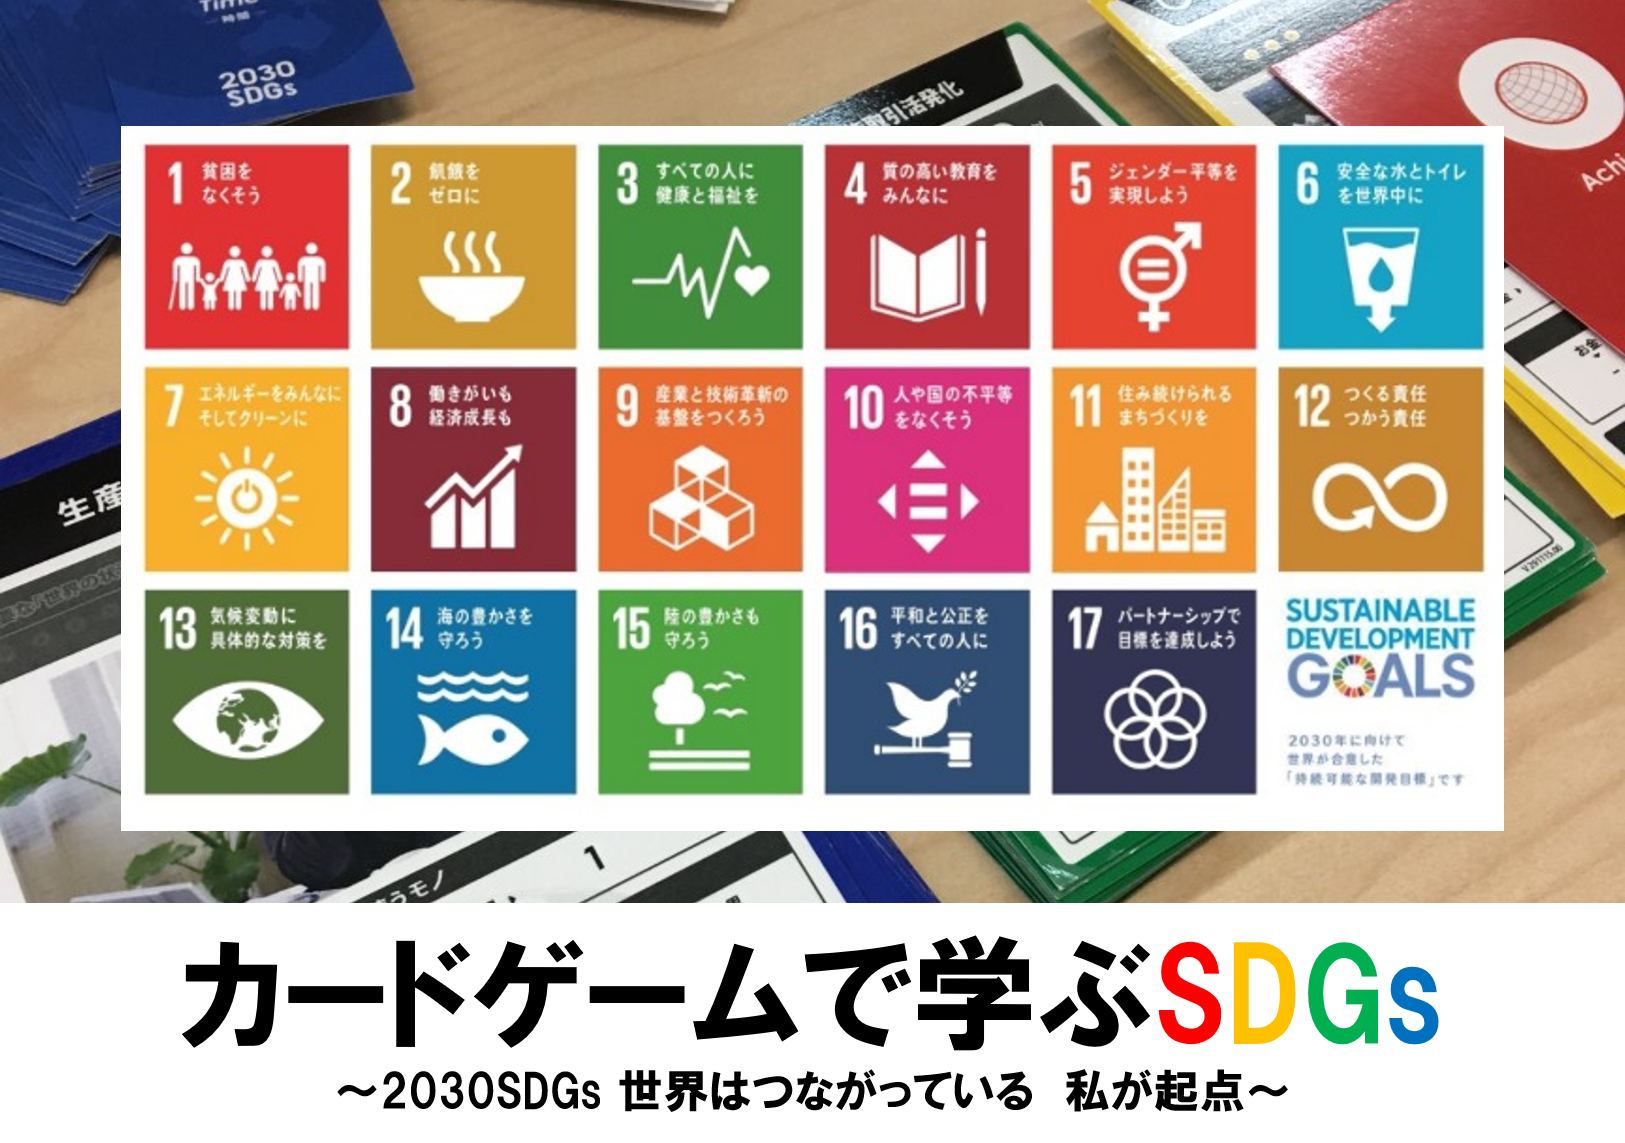 カードゲームで学ぶSDGs ~2030SDGs 世界はつながっている 私が起点~